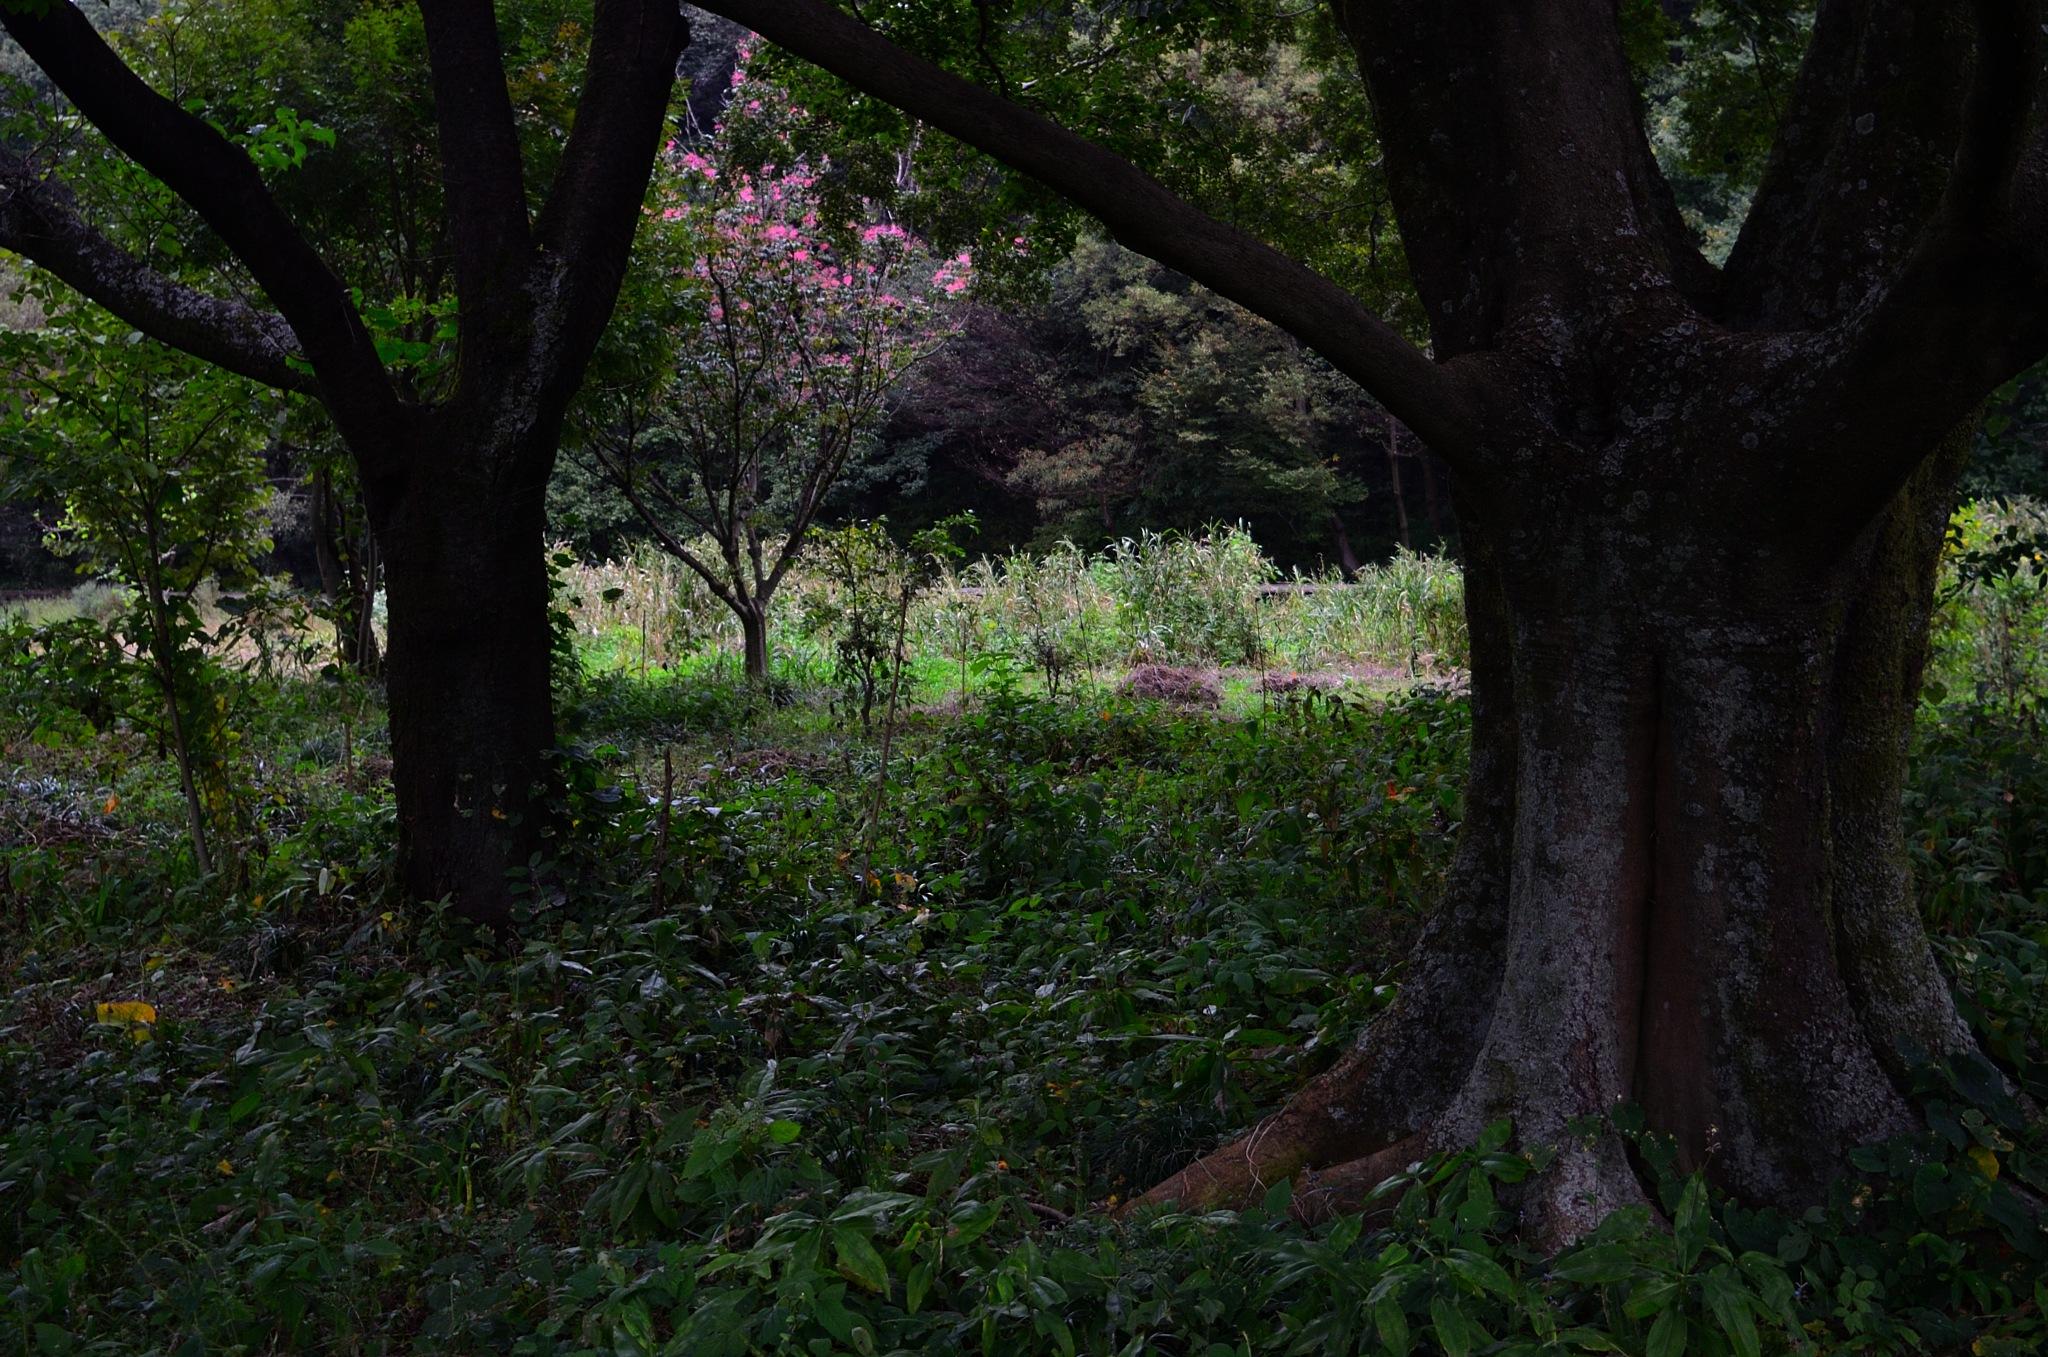 Trees in the park by Masahiro  Asano